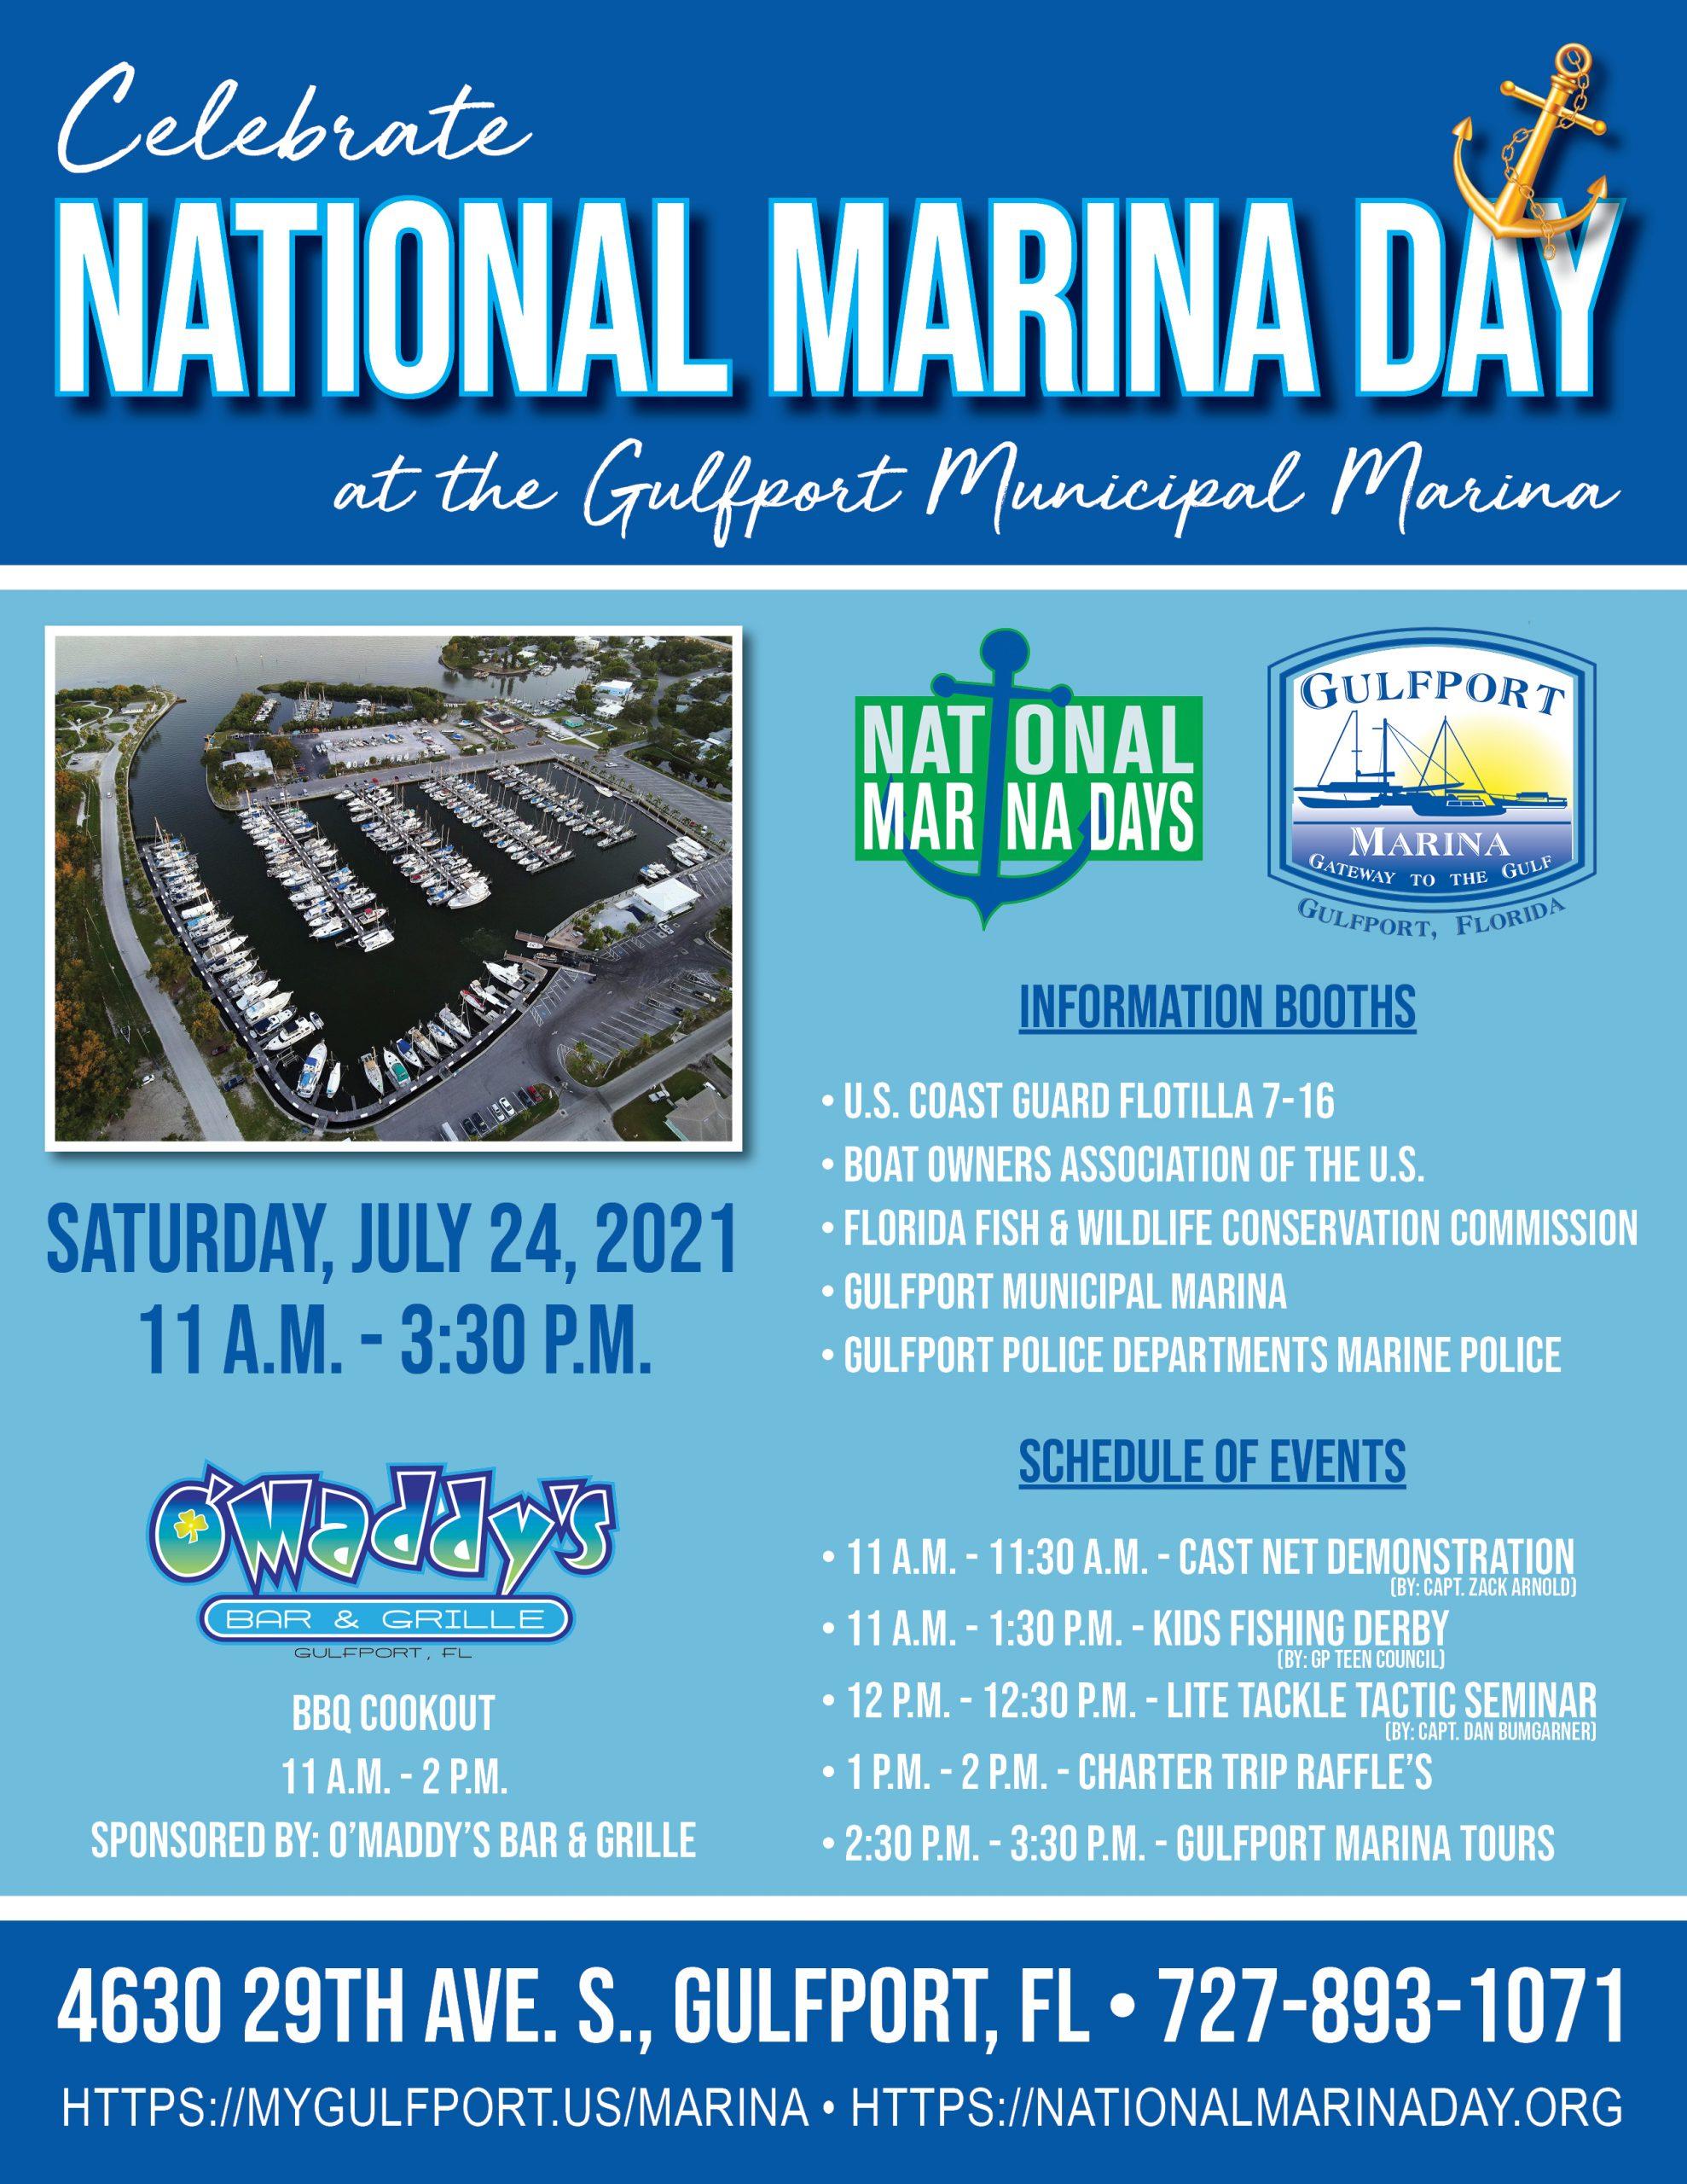 Nationa Marina Day Flyer